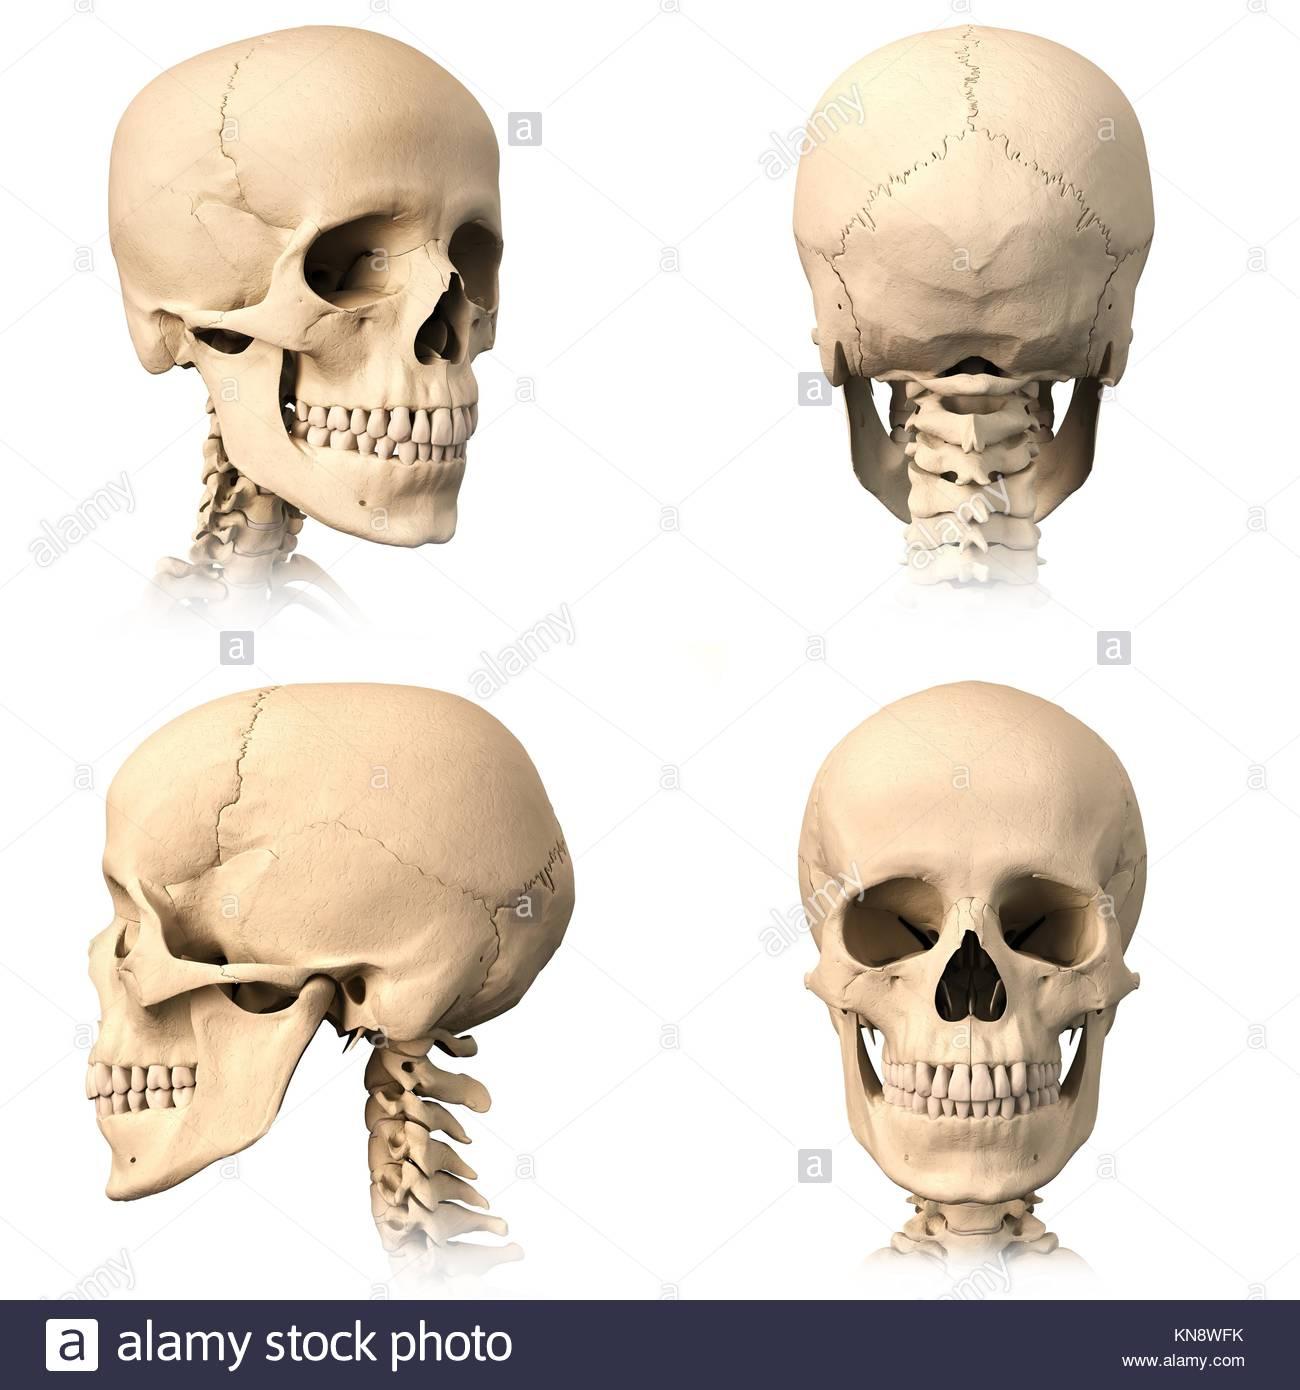 Ziemlich Gesichtsknochen Anatomie Ideen - Anatomie Ideen - finotti.info